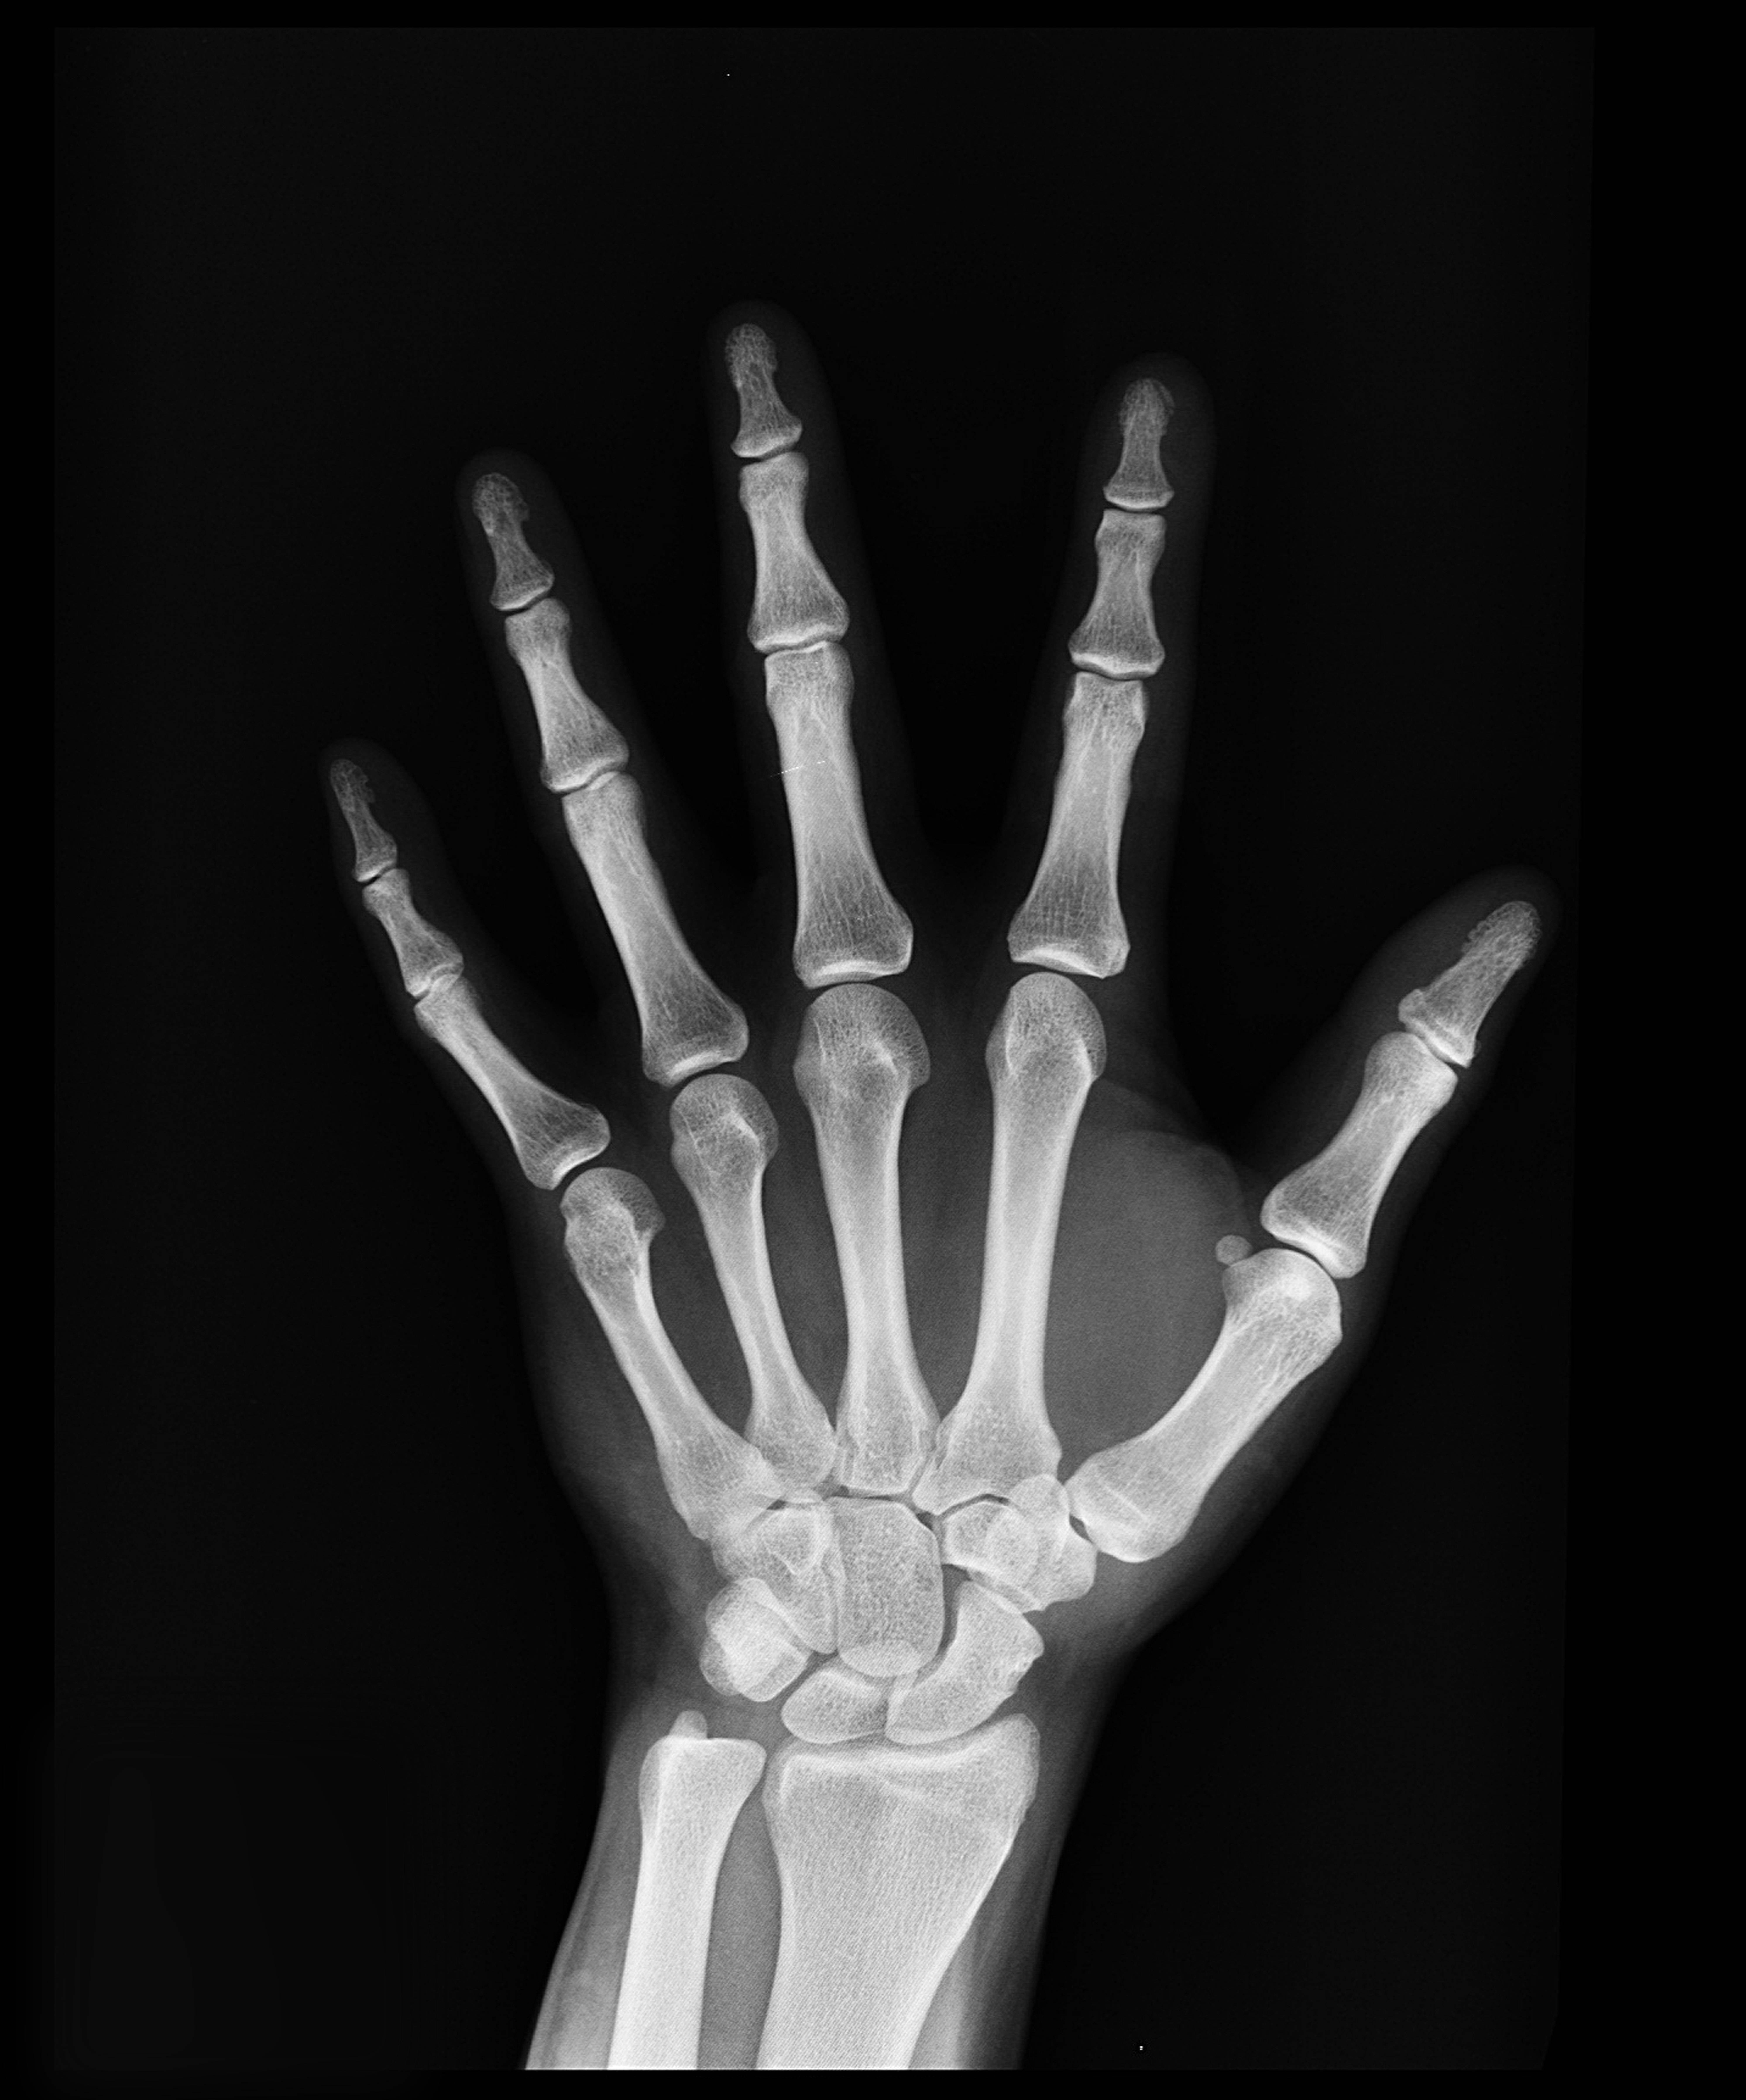 Científicos confirman que en la actualidad los niños alcanzan la madurez ósea mucho más rápido que antes